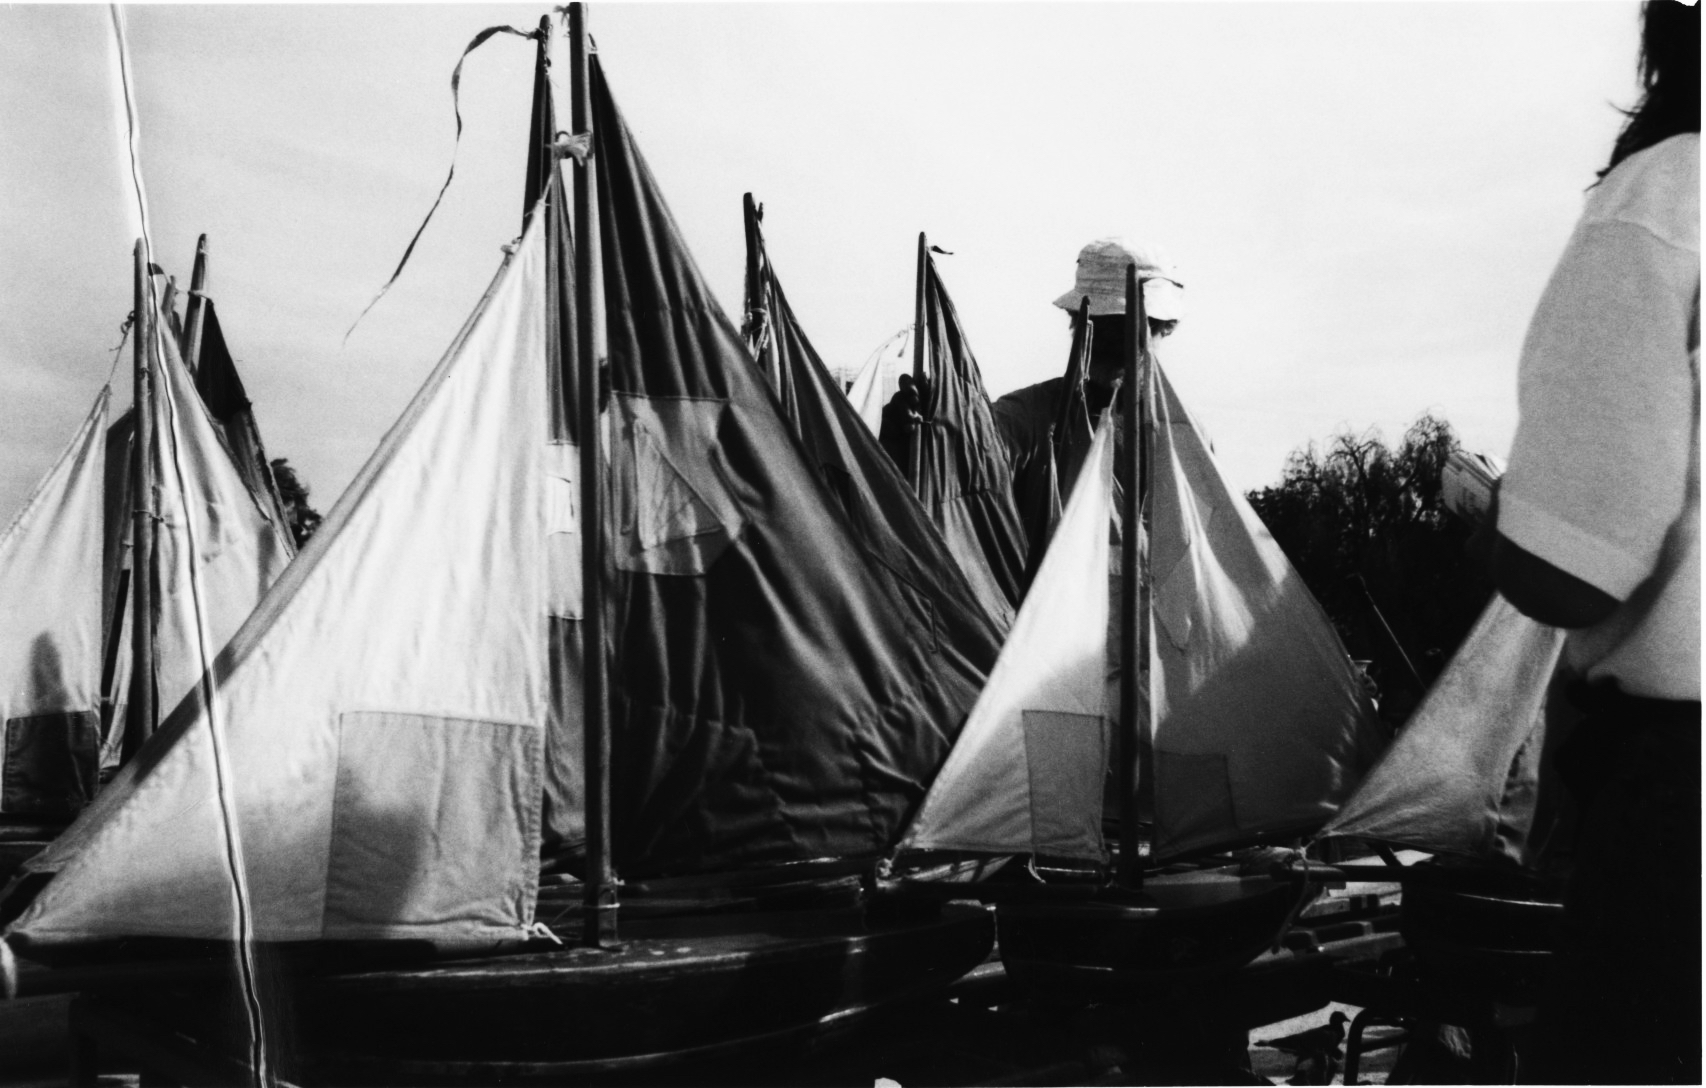 Schiffchen im Jardin du Luxembourg Paris (c) O. Wieters 1997